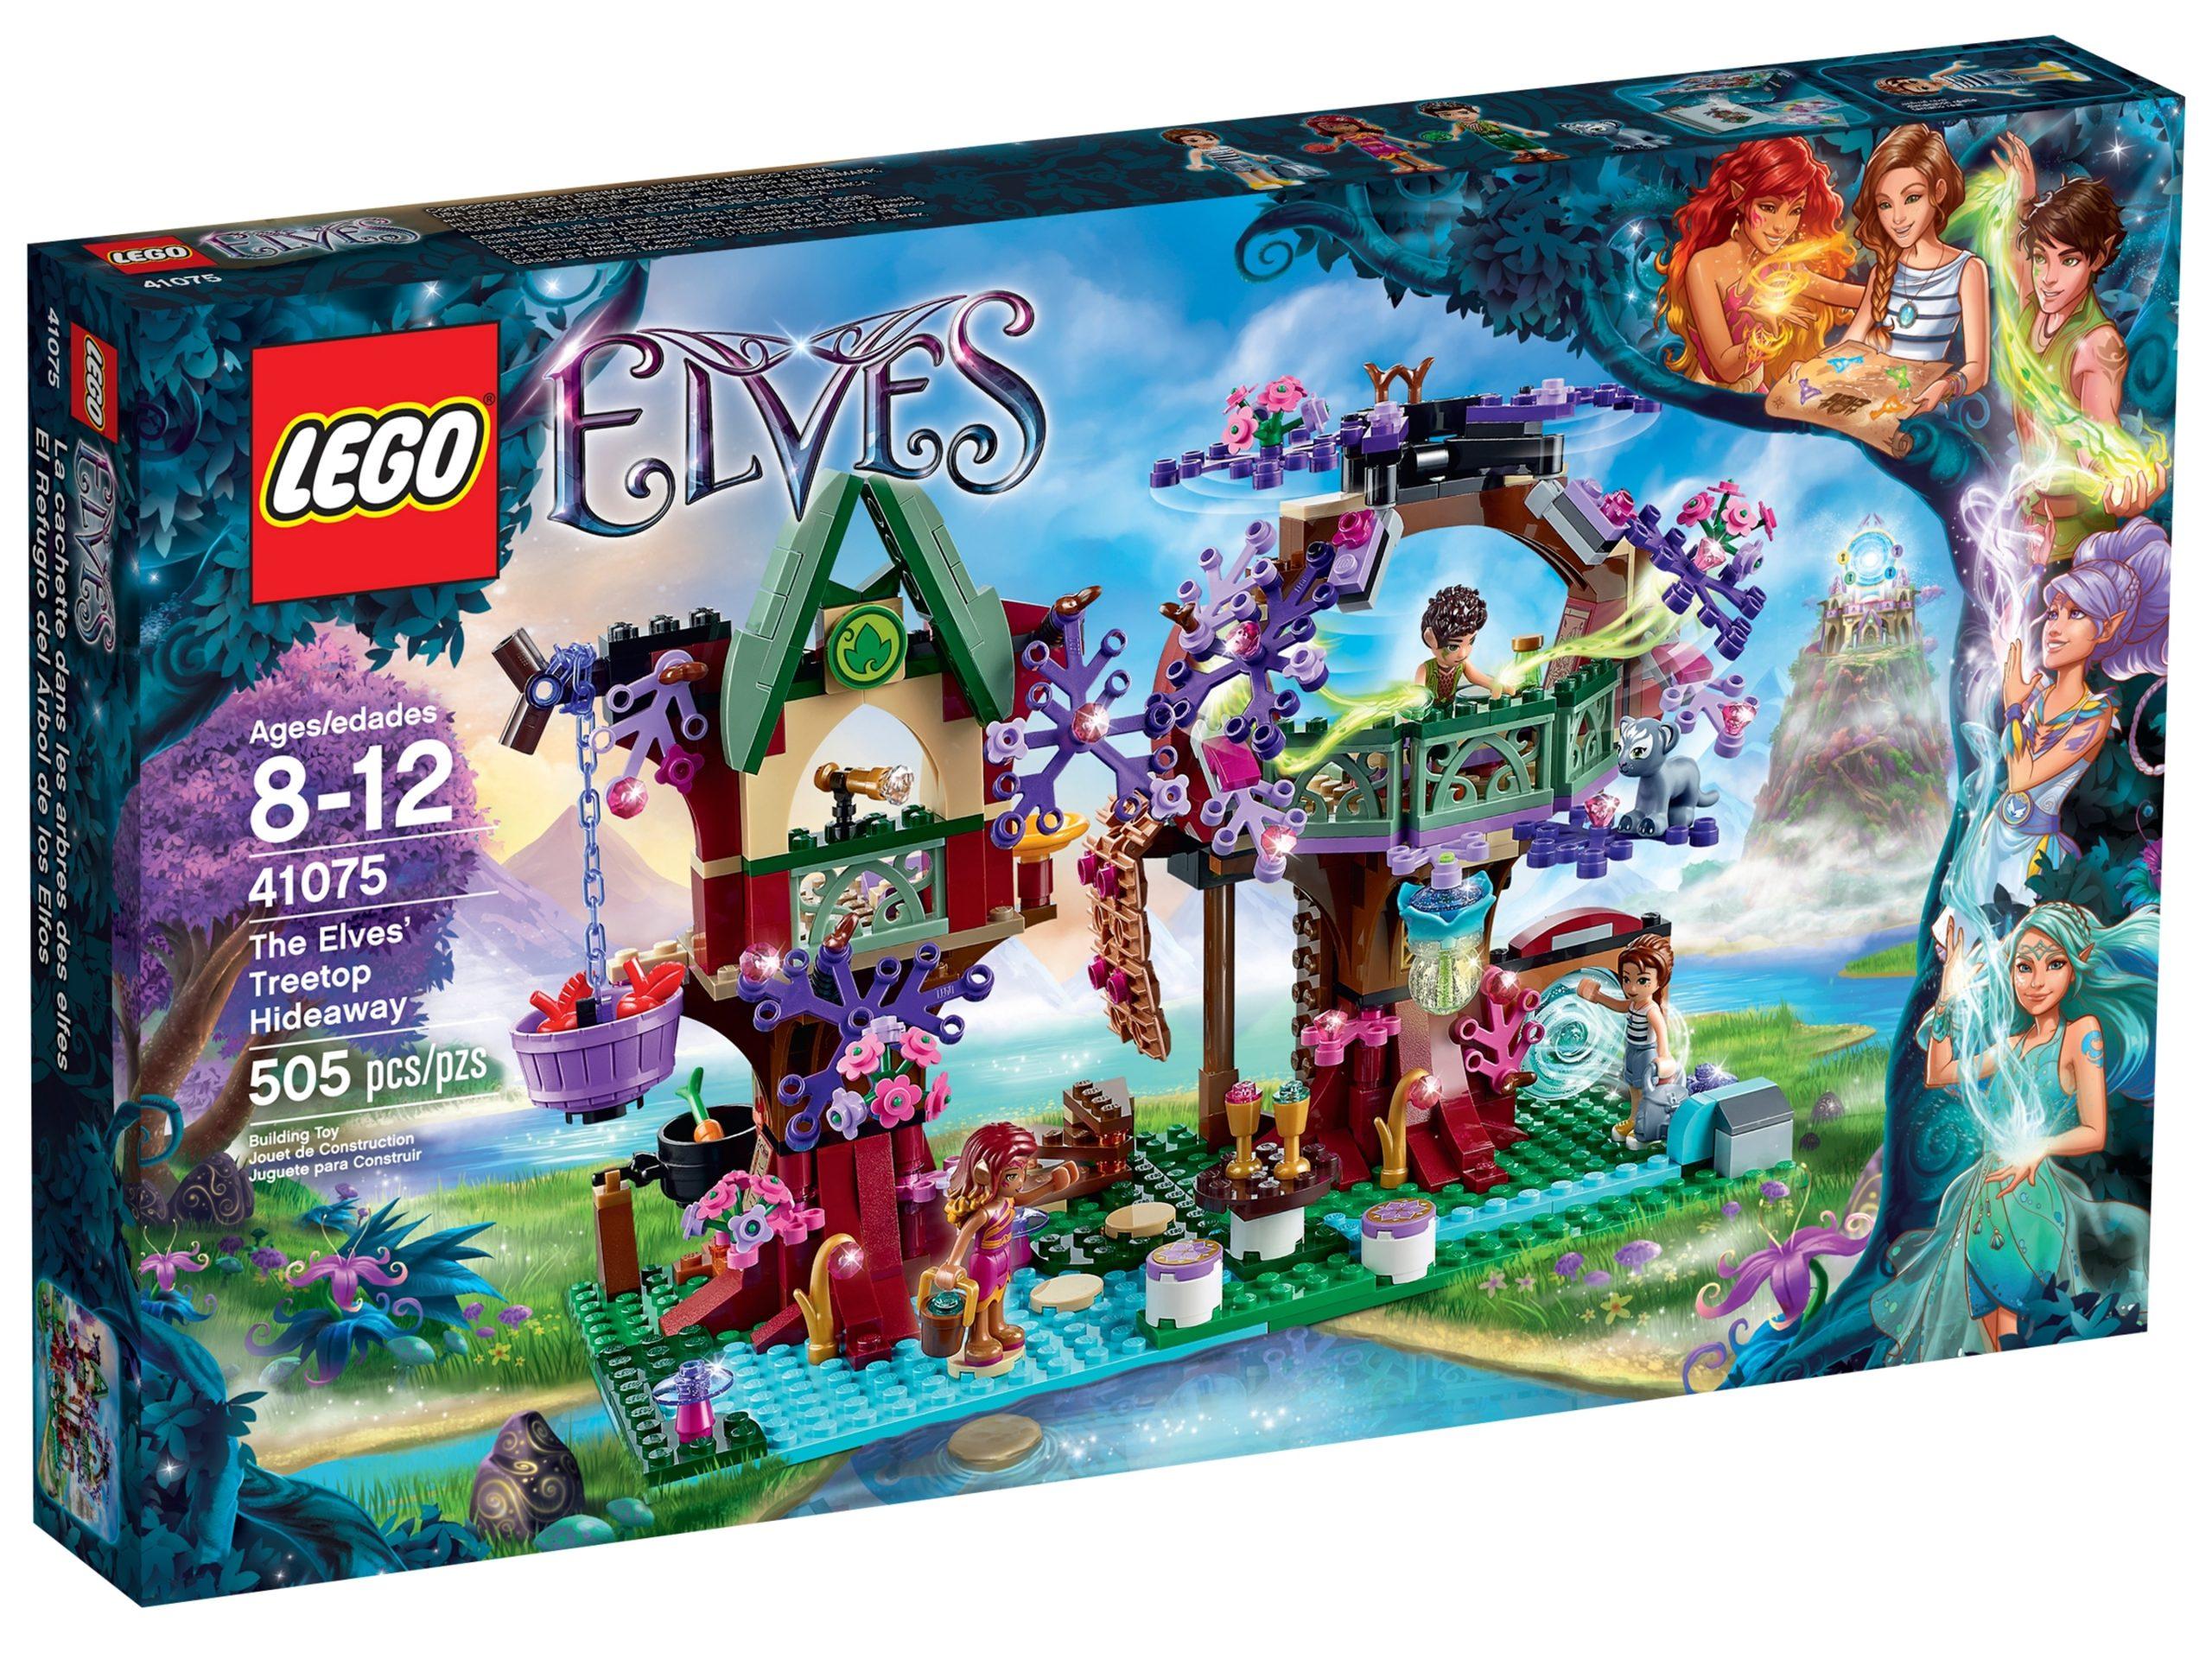 lego 41075 das mystische elfenversteck scaled